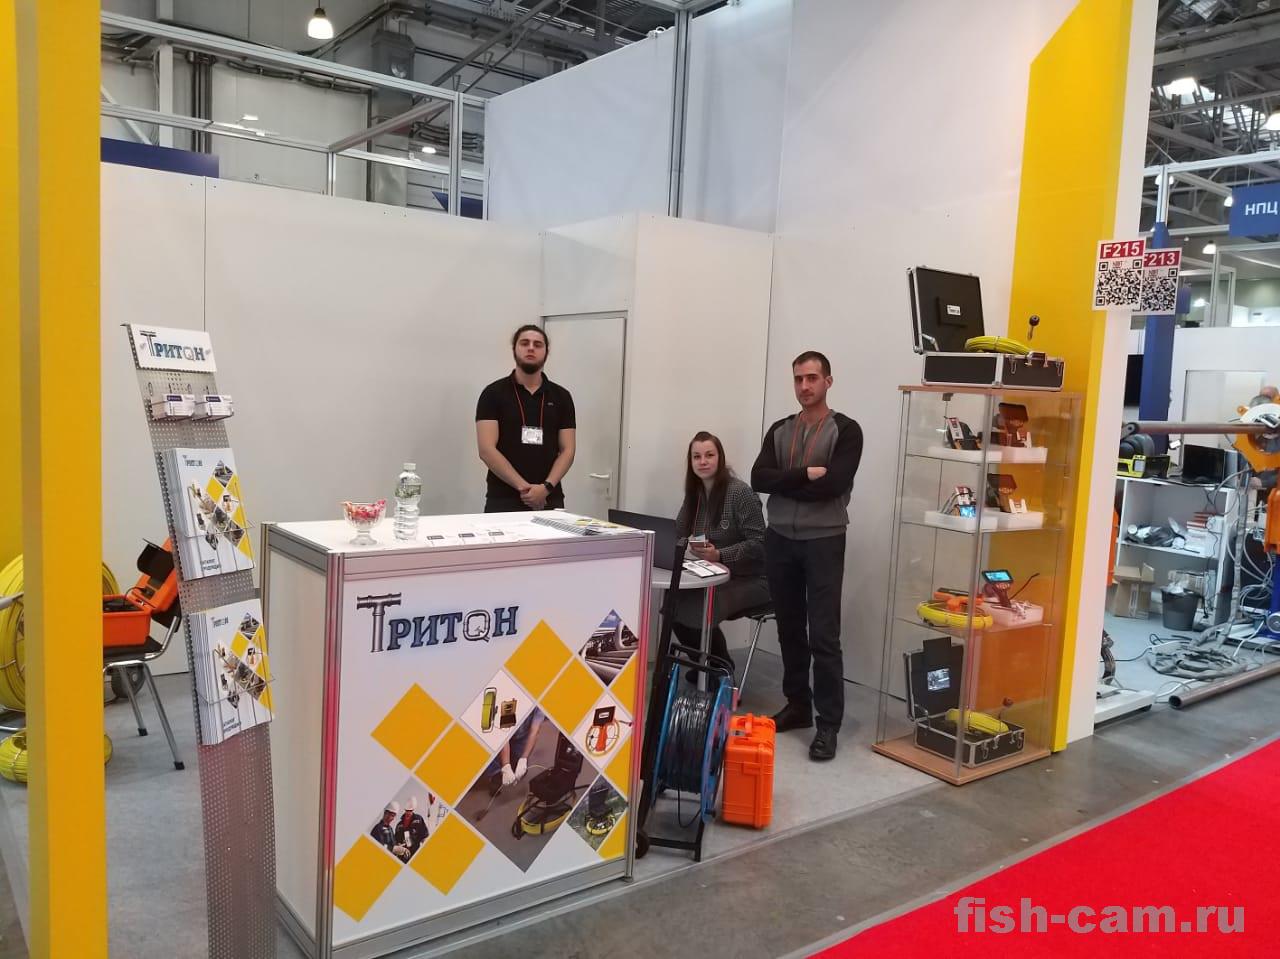 NDT Russia, Fish-cam.ru на 19-ой Международной выставке оборудования